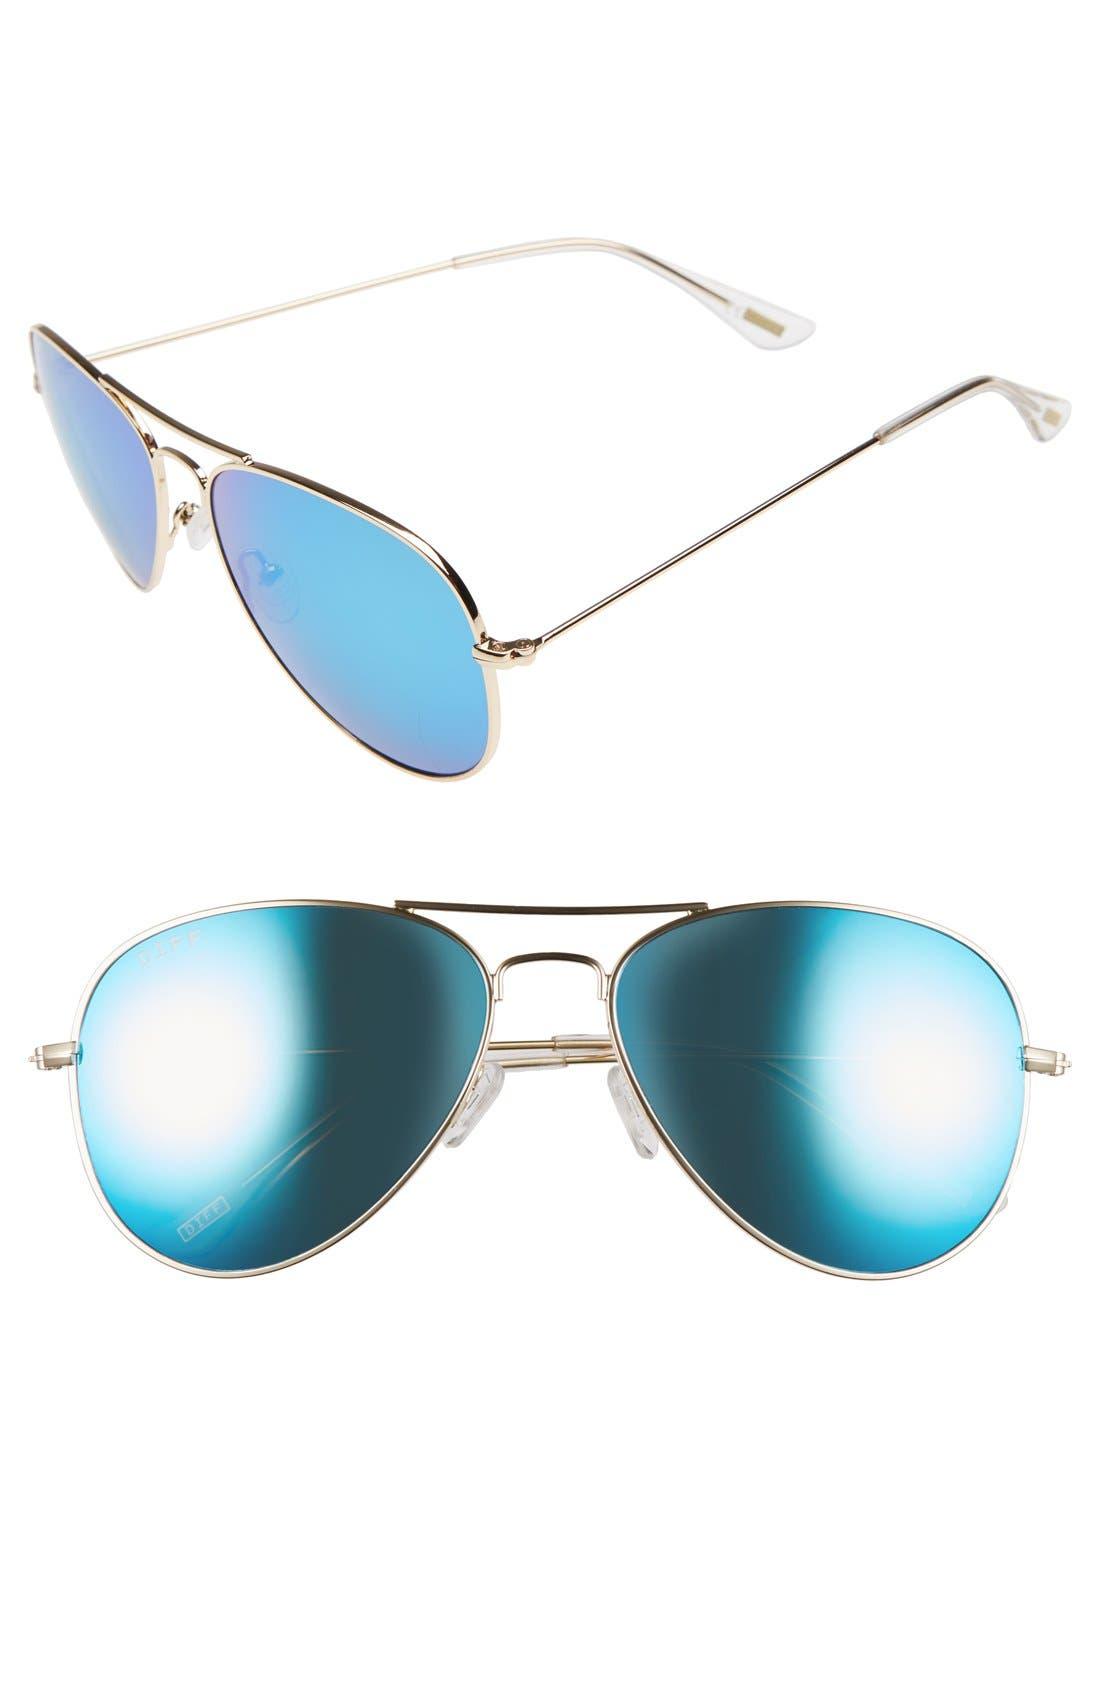 Alternate Image 1 Selected - DIFF Cruz 57mm Metal Aviator Sunglasses